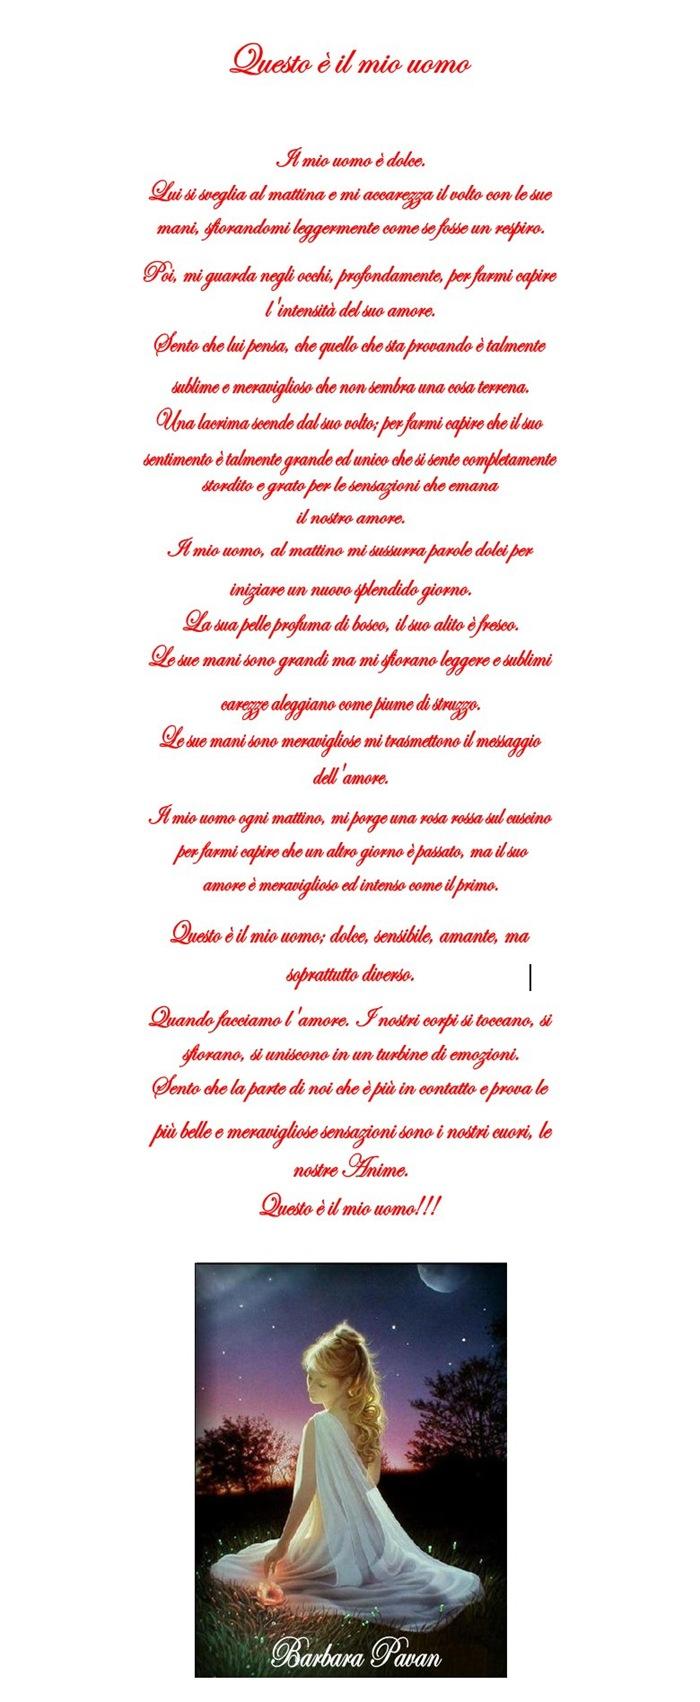 questo_e_il_mio_uomo